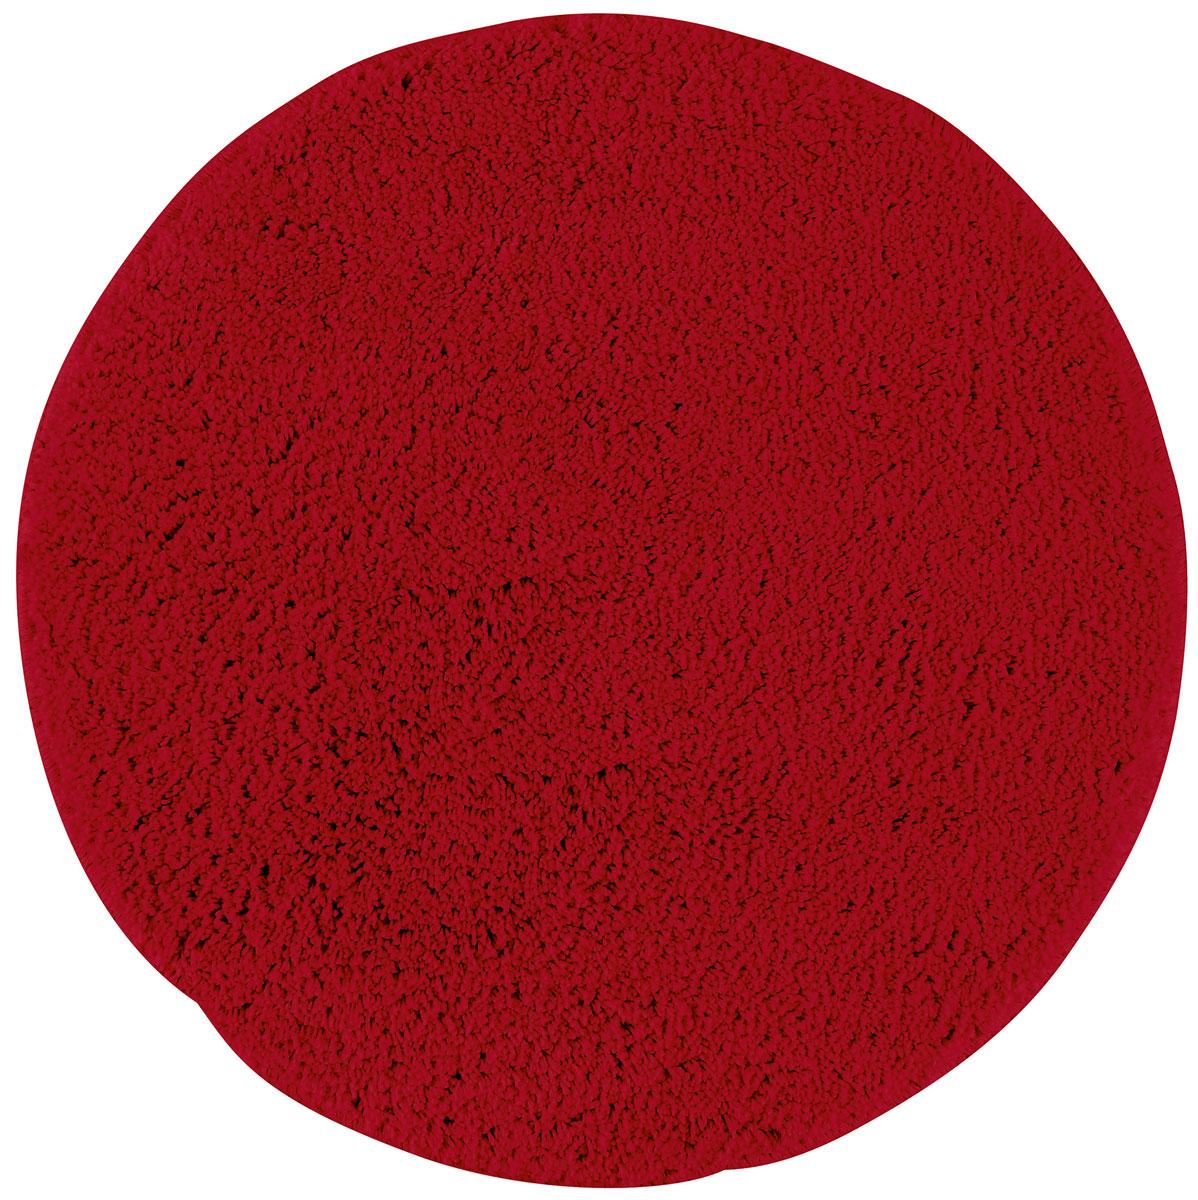 Коврик для ванной Axentia, противоскользящий, цвет: красный, диаметр 50 смS03301004Круглый коврик для ванной комнаты Axentia выполнен из высококачественной микрофибры. Противоскользящее основание изготовлено из термопластичной резины и подходит для полов с подогревом. Коврик стеганый, мягкий и приятный на ощупь, отлично впитывает влагу и быстро сохнет. Высокая износостойкость коврика и стойкость цвета позволит вам наслаждаться покупкой долгие годы.Можно стирать в стиральной машине. Диаметр коврика: 50 см. Высота ворса: 1,5 см.